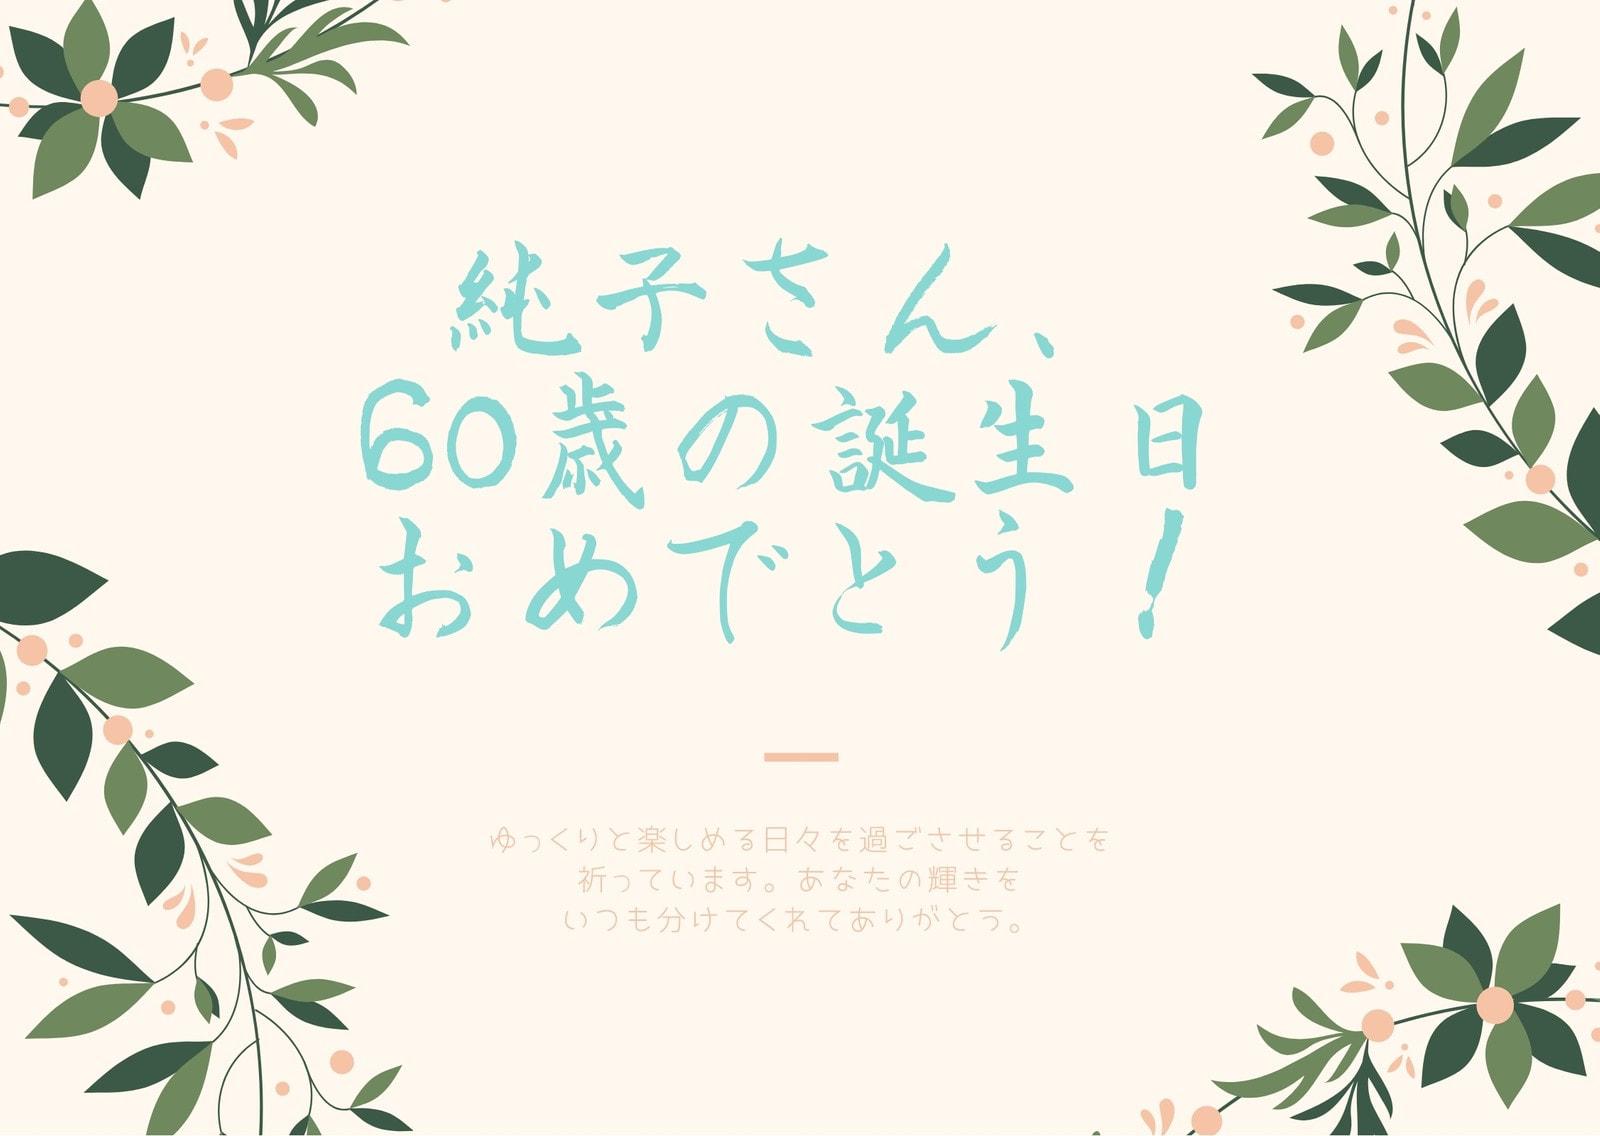 クリーム色 葉の花柄 エレガントな60歳の誕生日カード